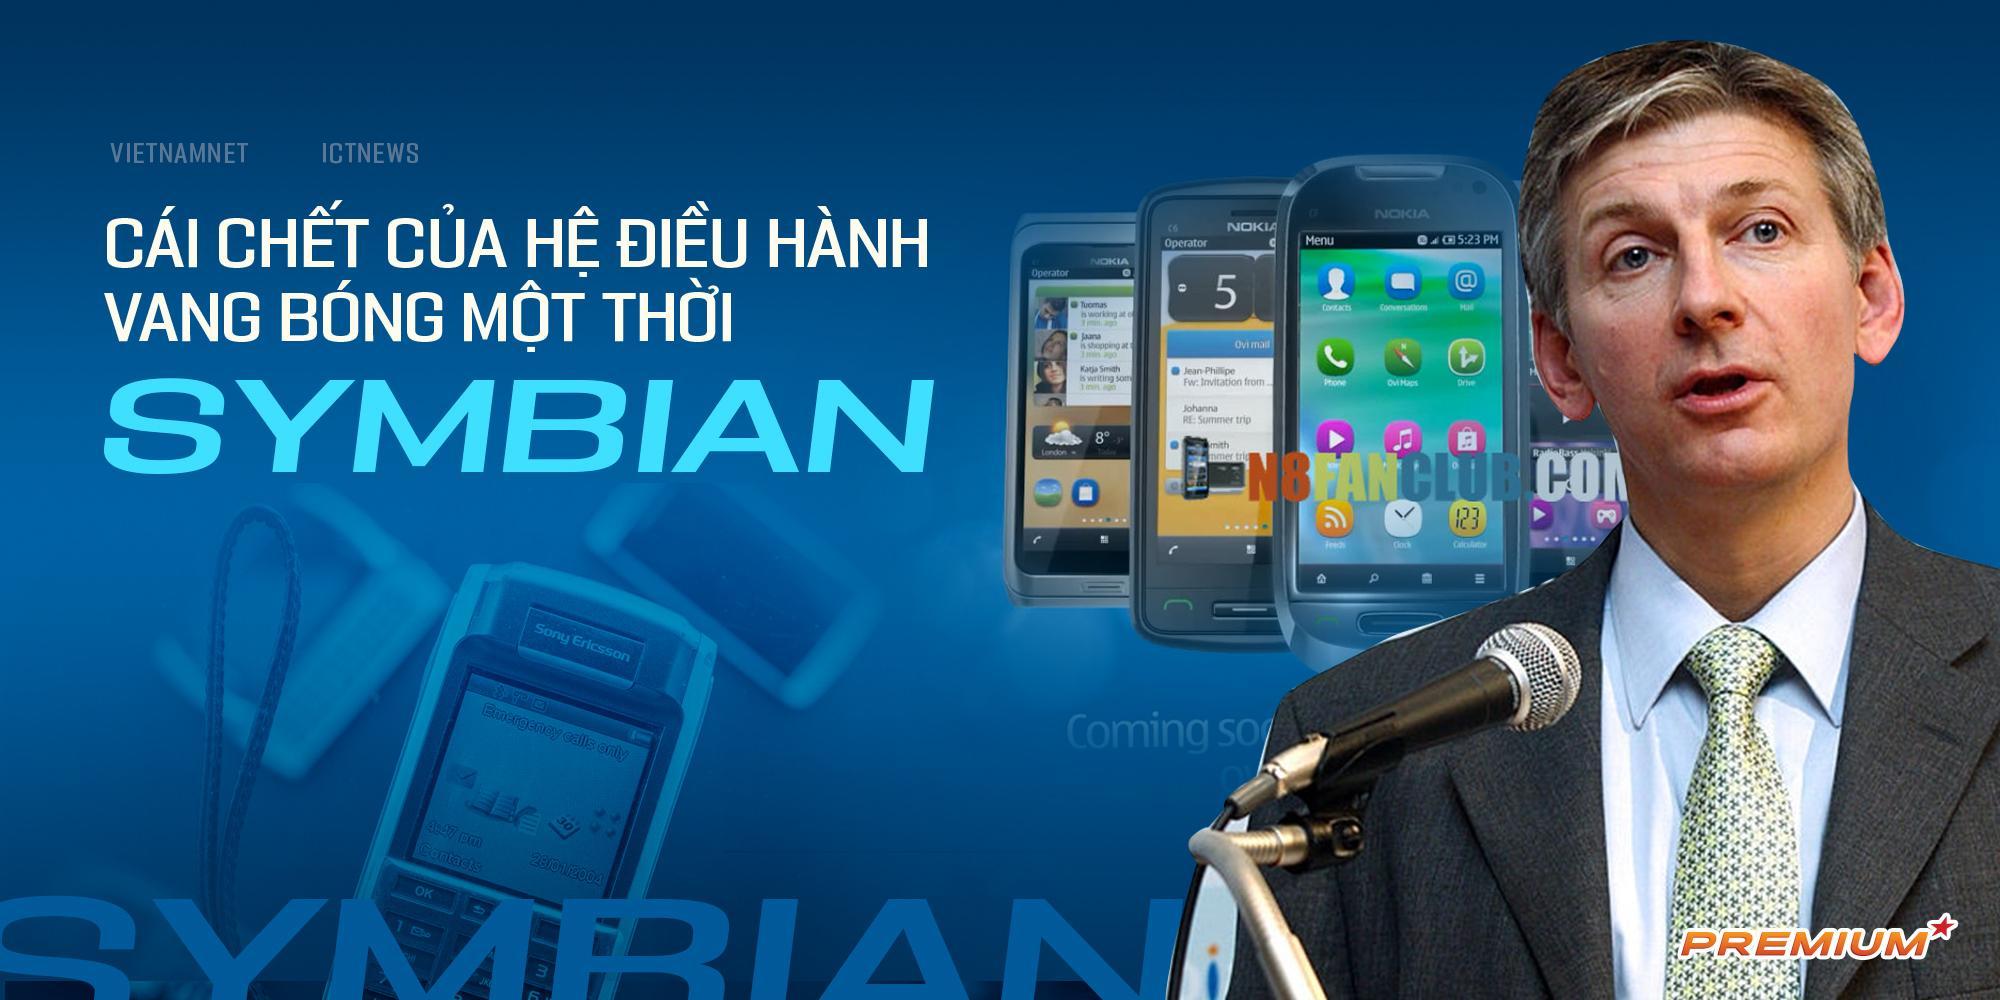 Cái chết của hệ điều hành vang bóng một thời Symbian